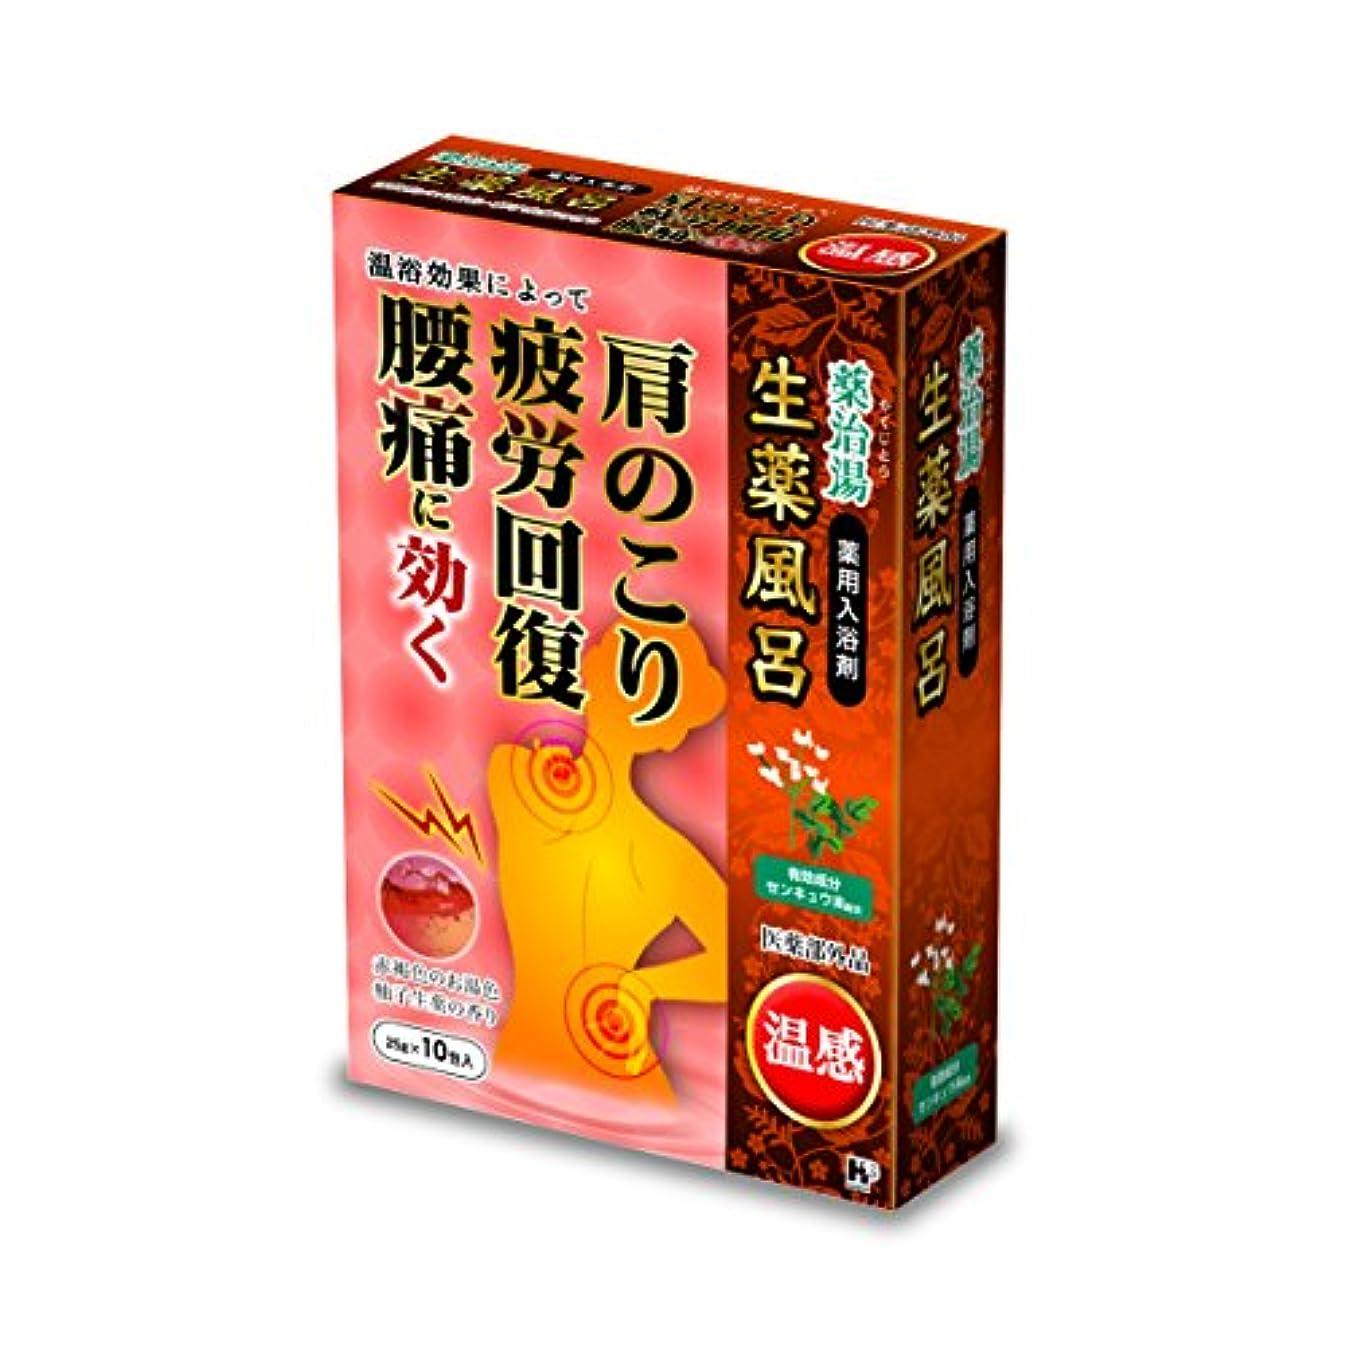 ラッドヤードキップリング銅石化する薬治湯温感 柚子生薬の香り